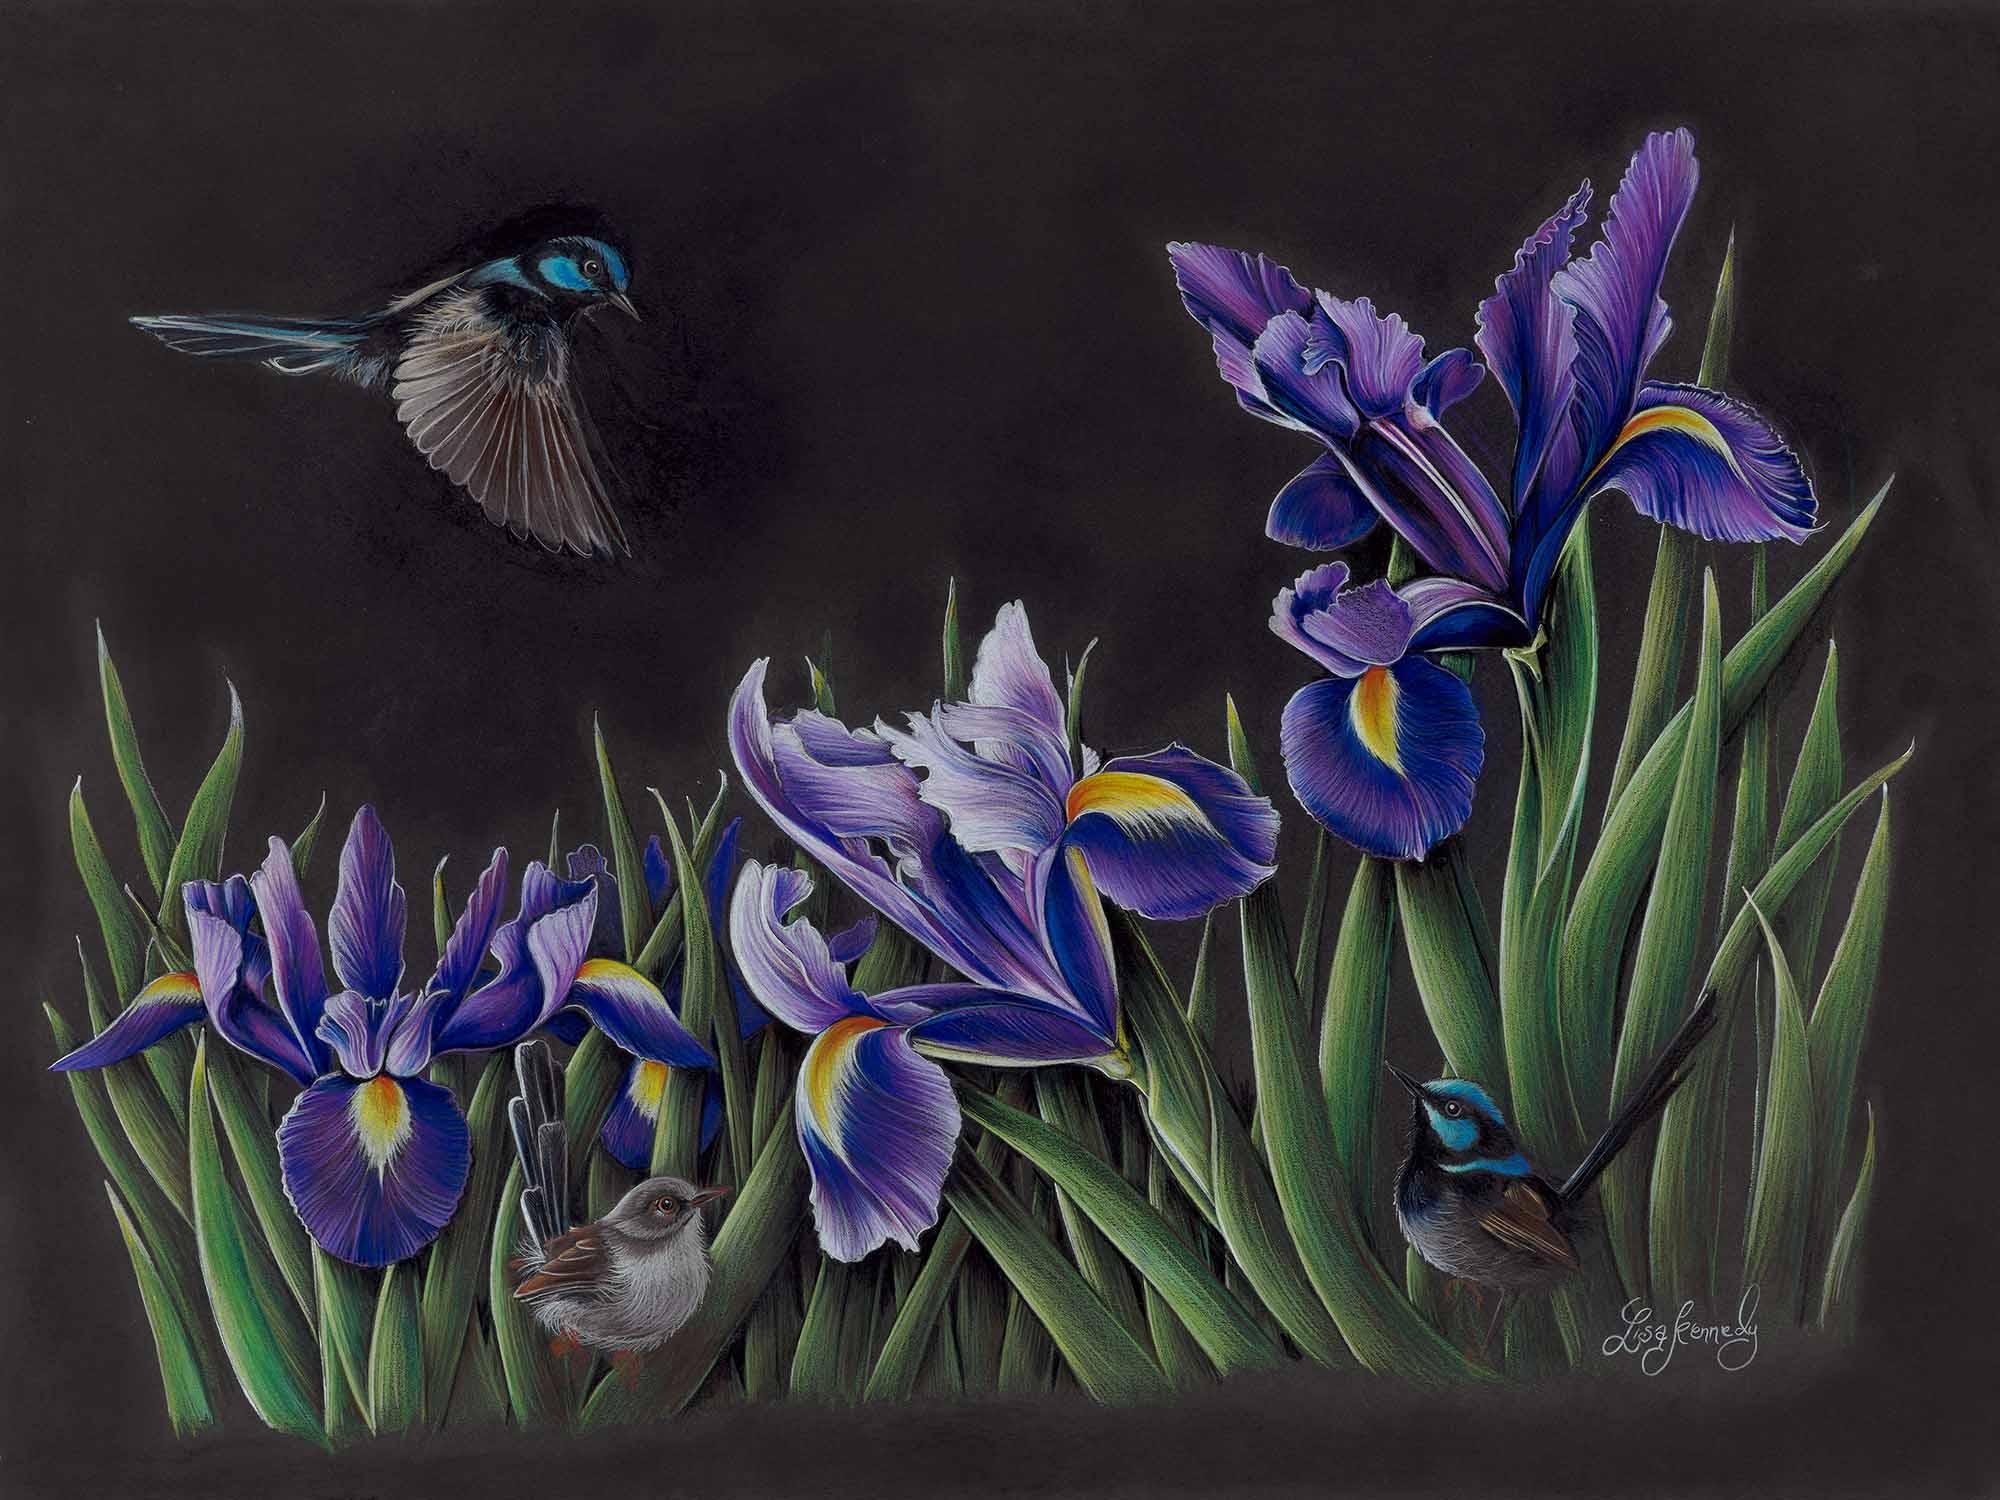 Lisa kennedy 014 iris garden 2000px cv1ip2